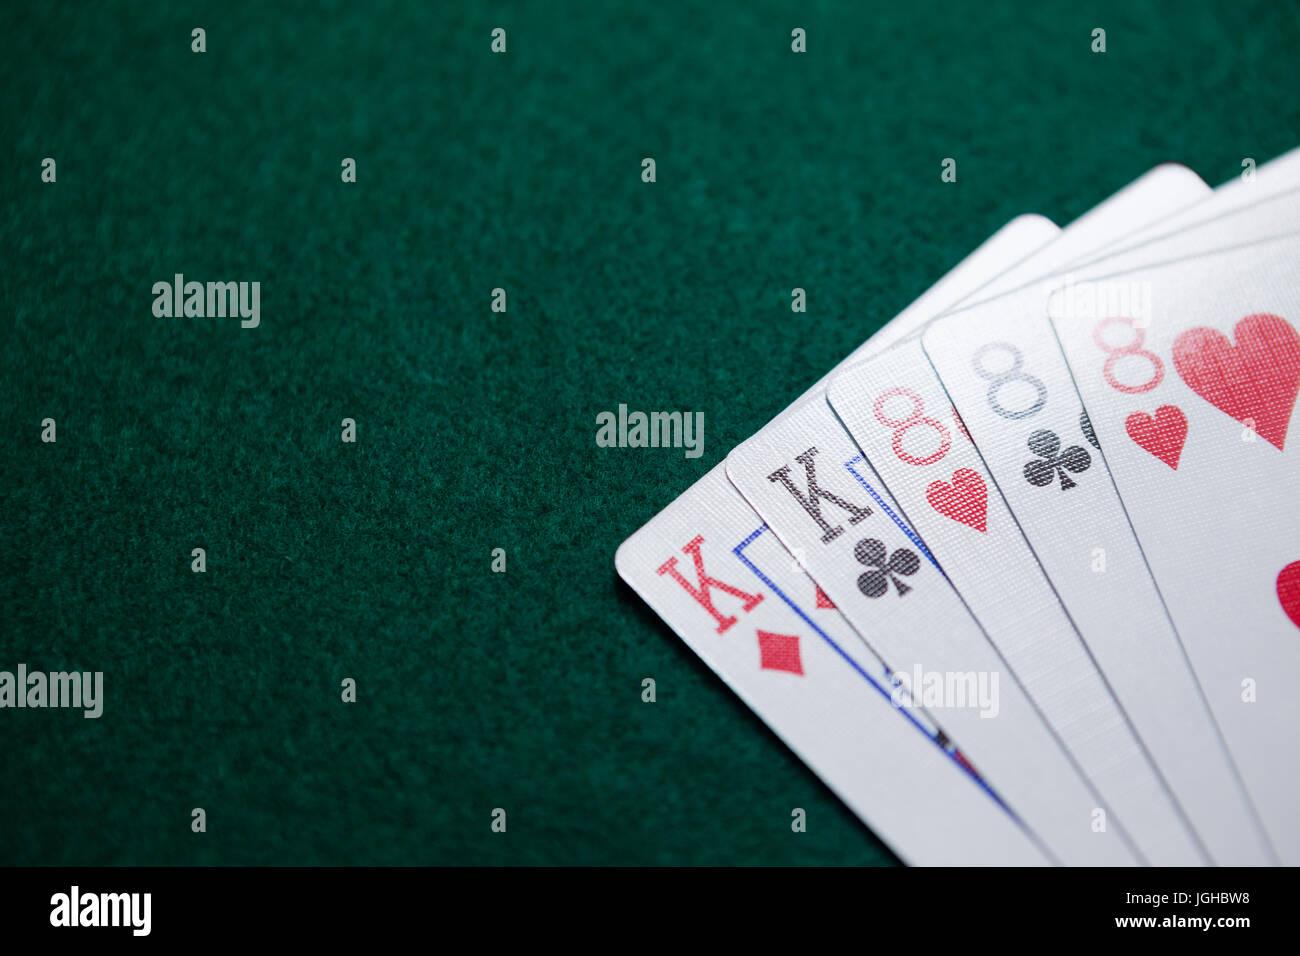 2 paquetes de Union Jack jugando a las cartas de póker Puente Juego Juguete